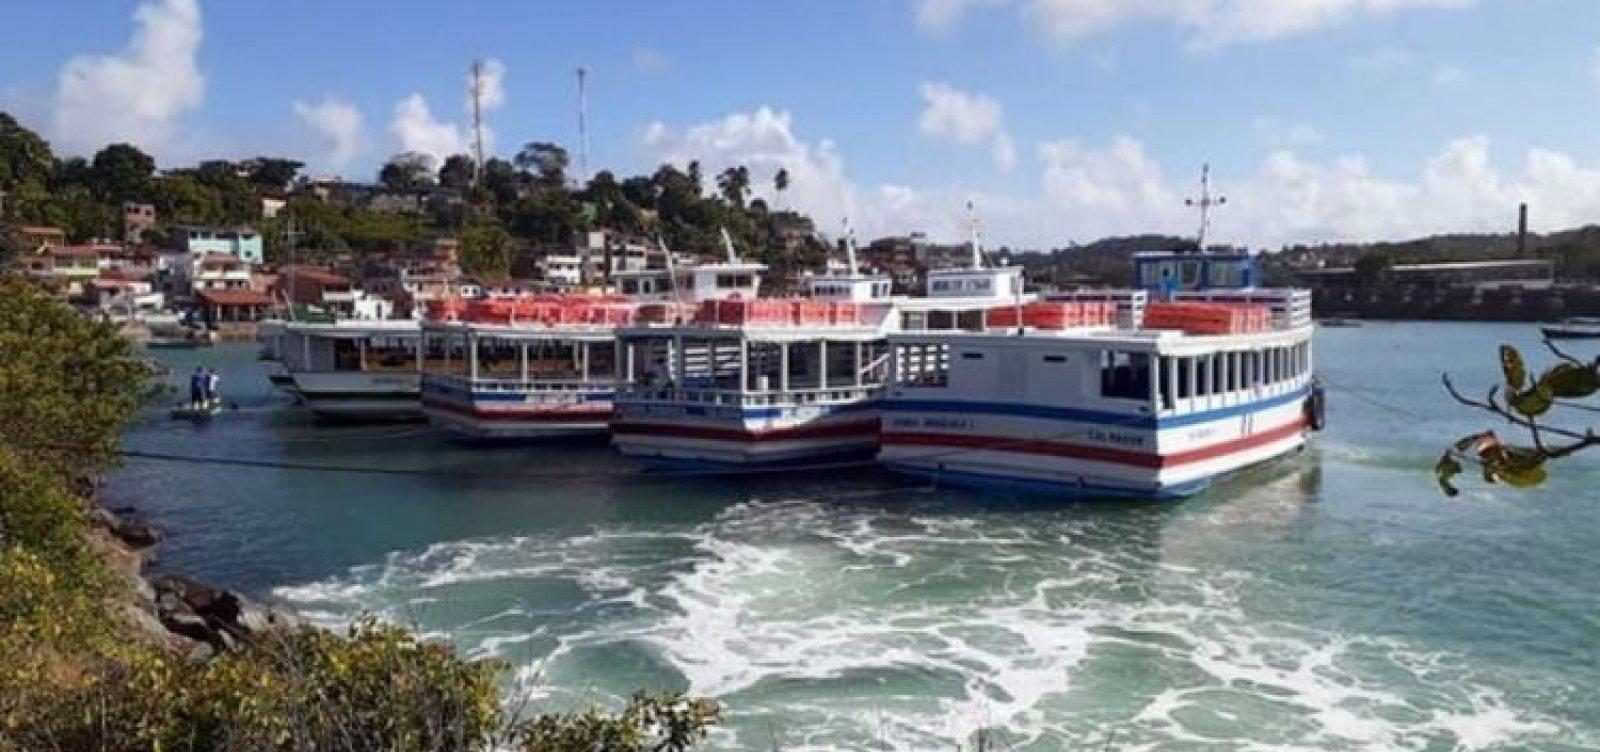 Travessia Salvador - Mar Grande opera com oito embarcações sem filas nos terminais